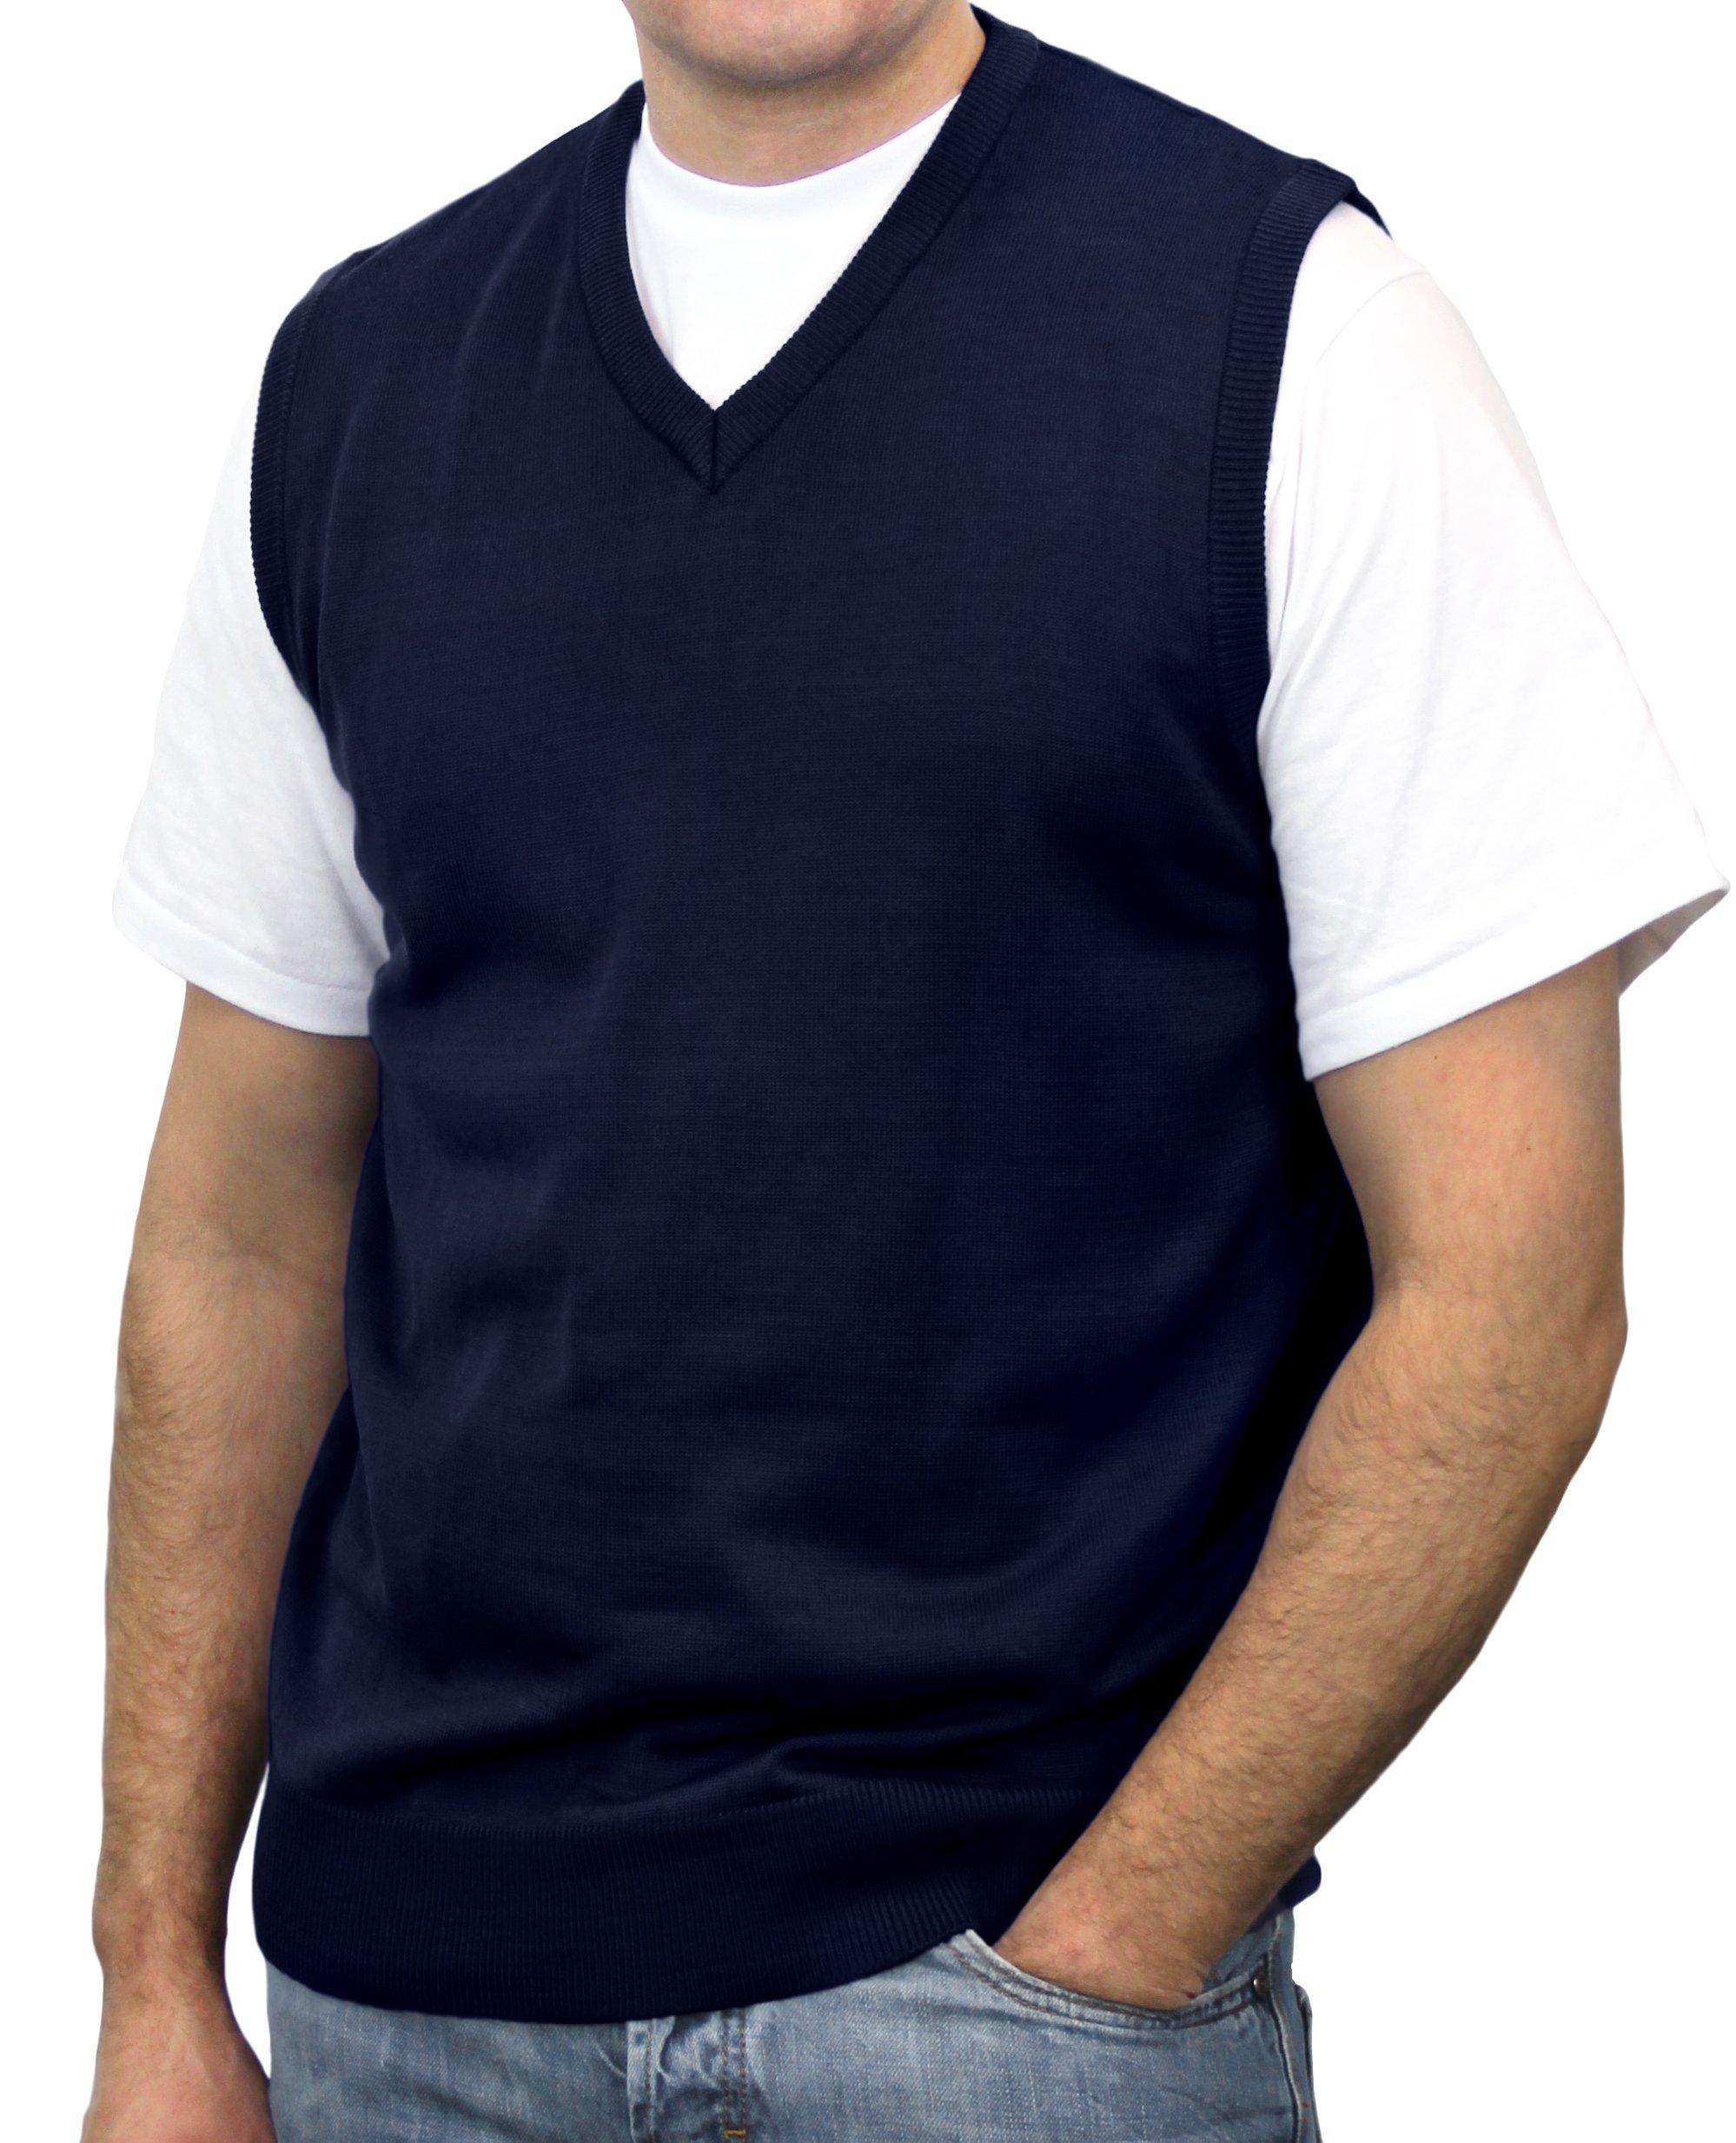 Blue Ocean Big Men Solid Color Sweater Vest-4X-Large